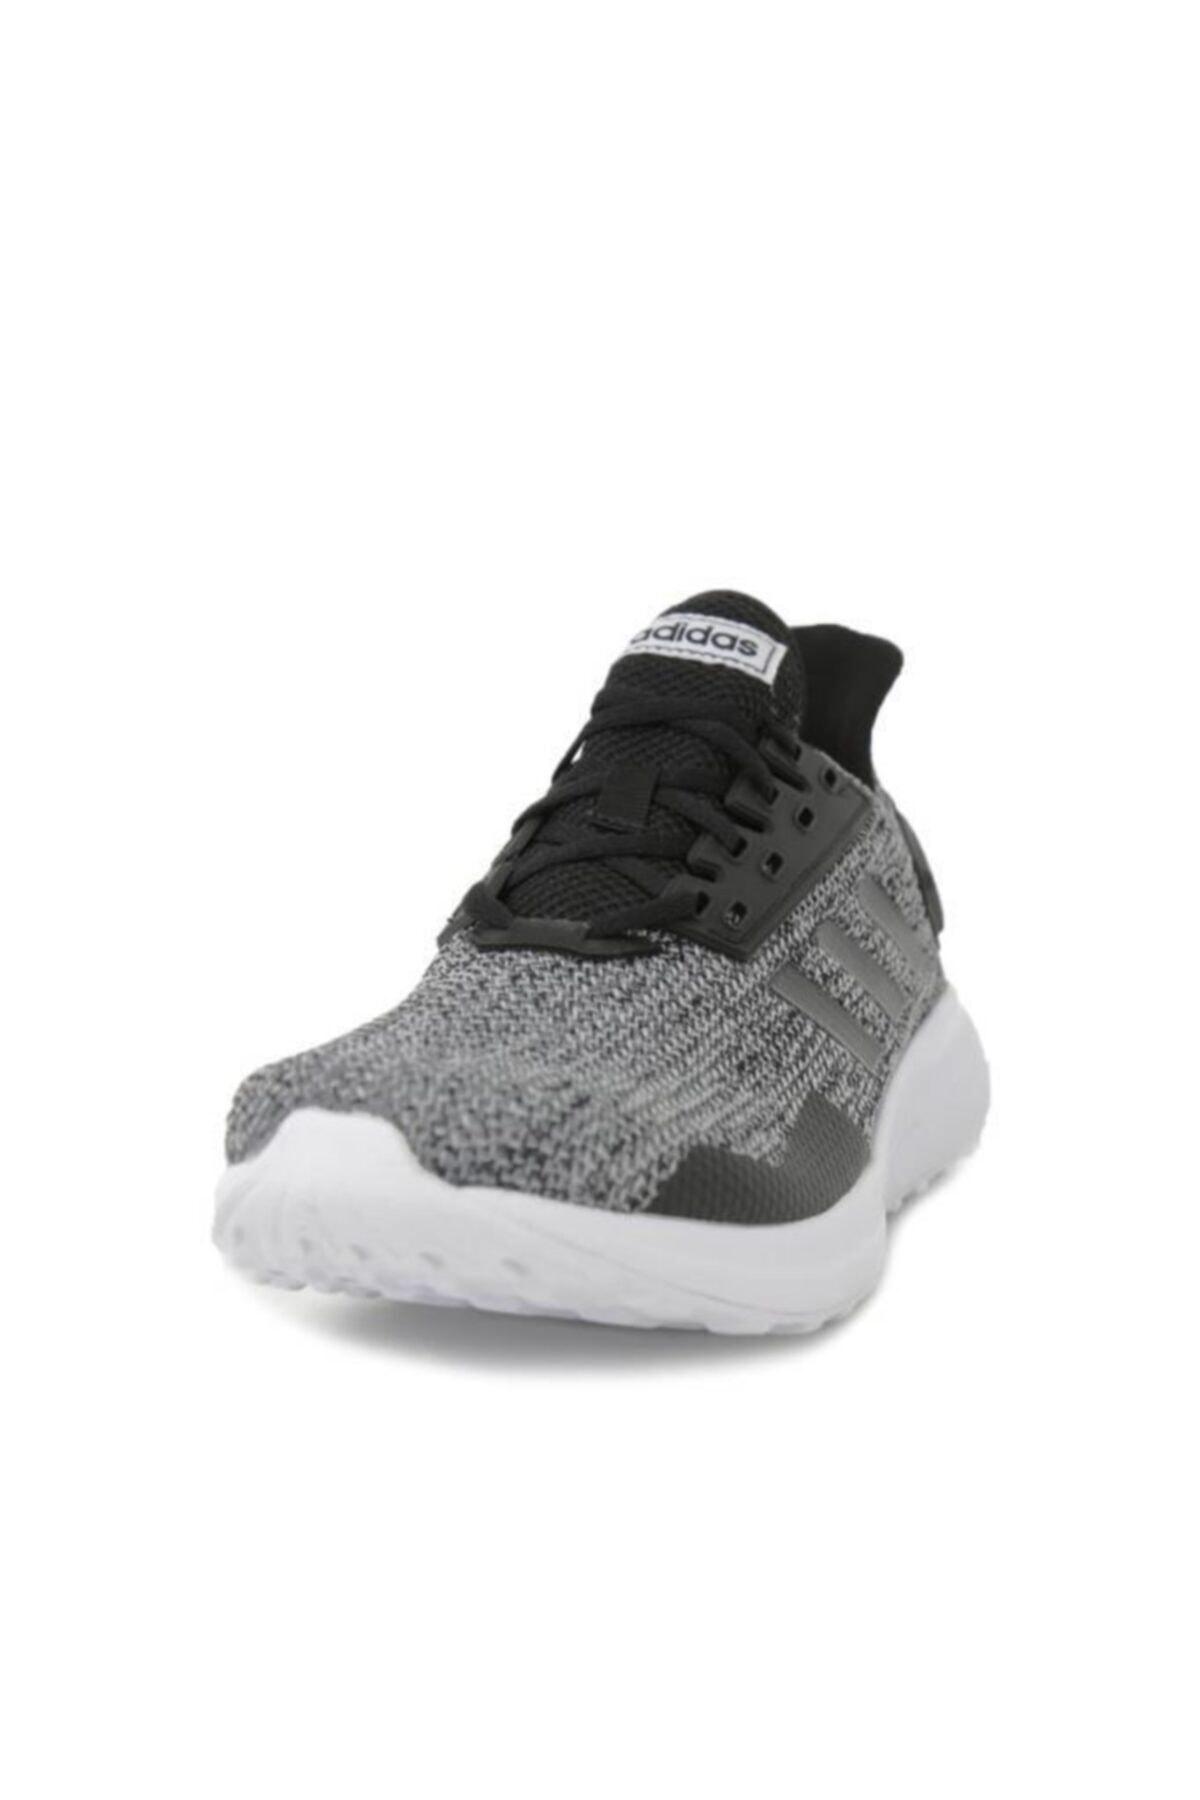 adidas DURAMO 9 Siyah Erkek Koşu Ayakkabısı 100381743 2